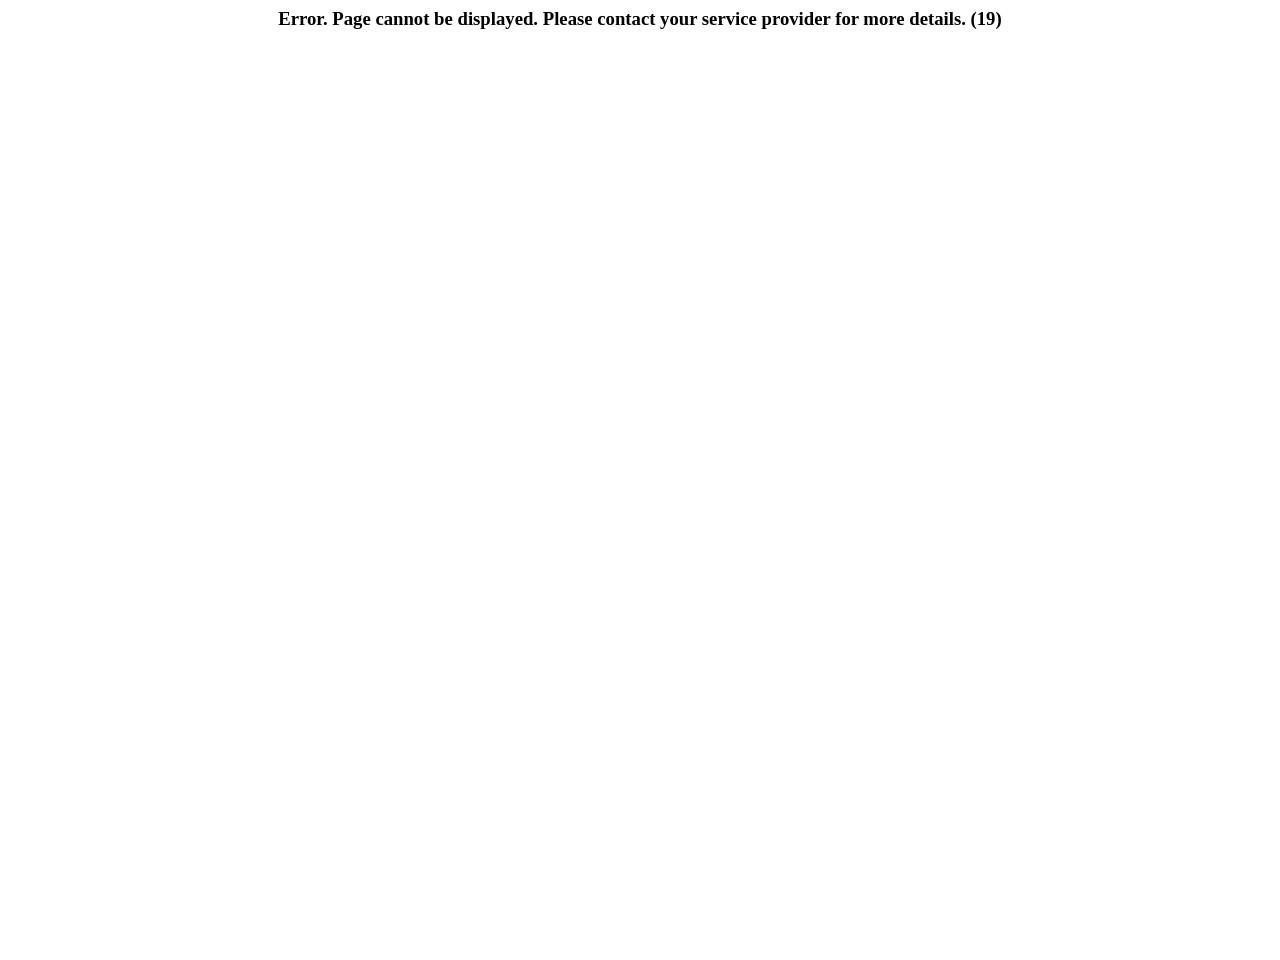 电影盒子_韩国电影在线观看_韩国免费电影盒子_高清电影盒子_电影盒子在线观看_77影院